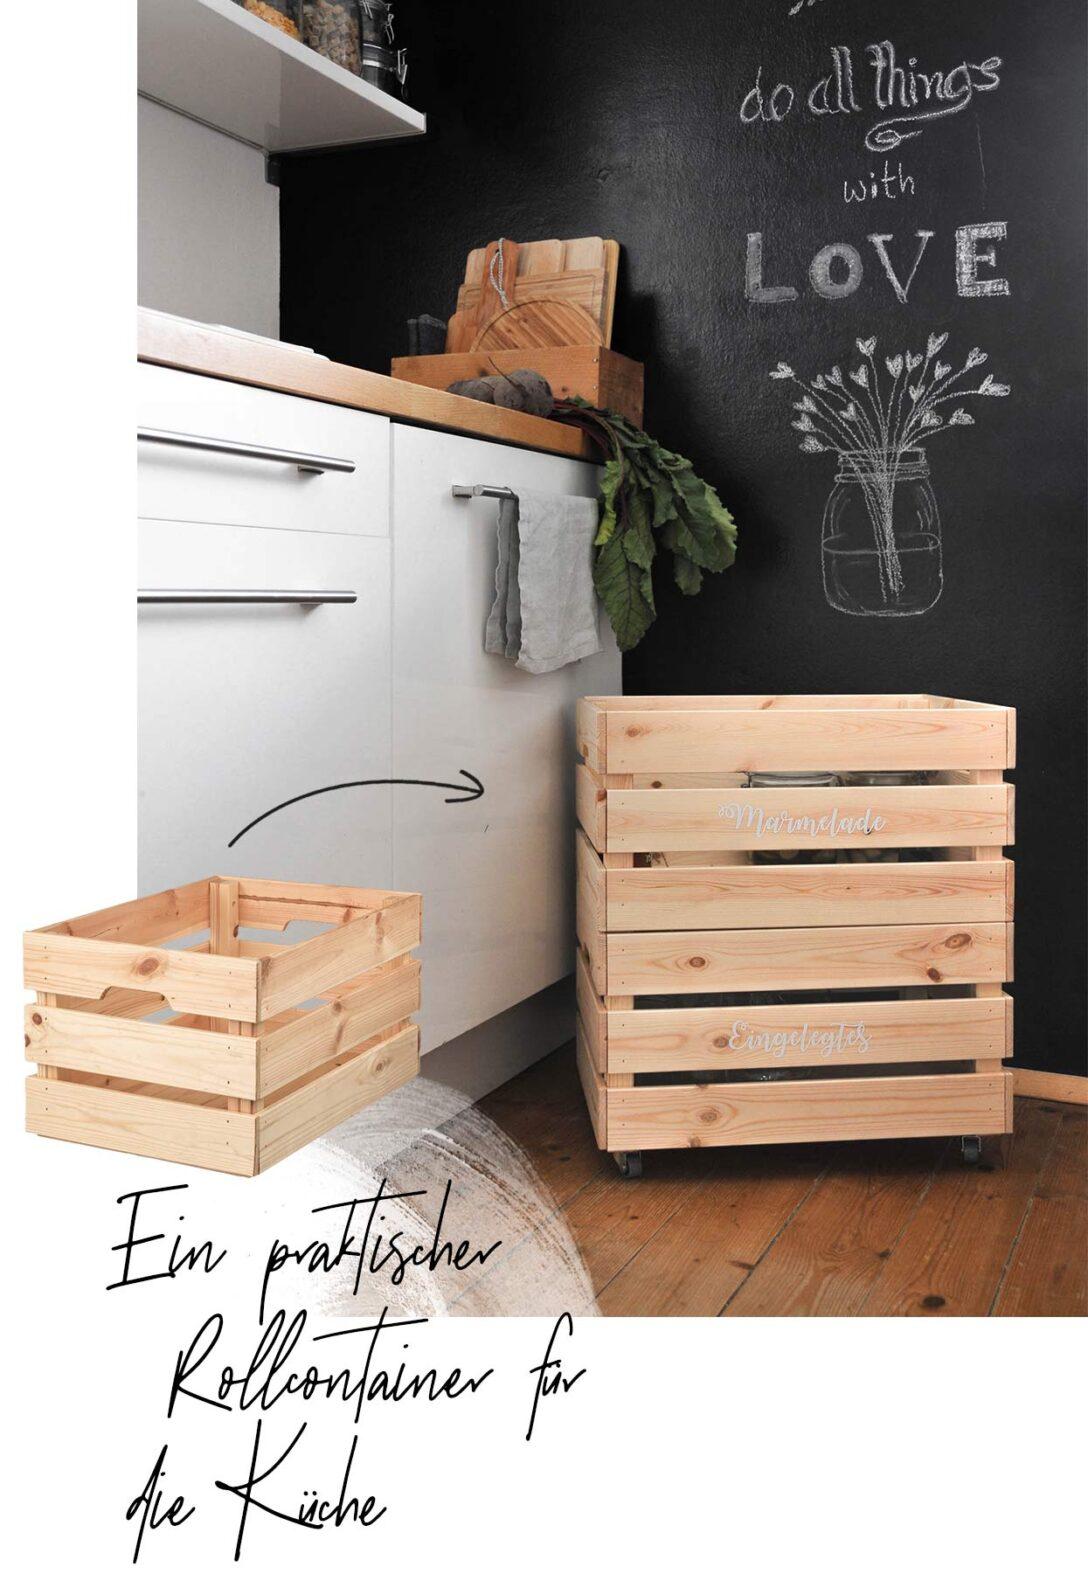 Large Size of Ikea Aufbewahrung Küche Toller Hack Einen Rollcontainer Selber Bauen Wohnklamotte Einbauküche Kaufen L Mit Kochinsel Lampen Betonoptik Billige Bodenfliesen Wohnzimmer Ikea Aufbewahrung Küche